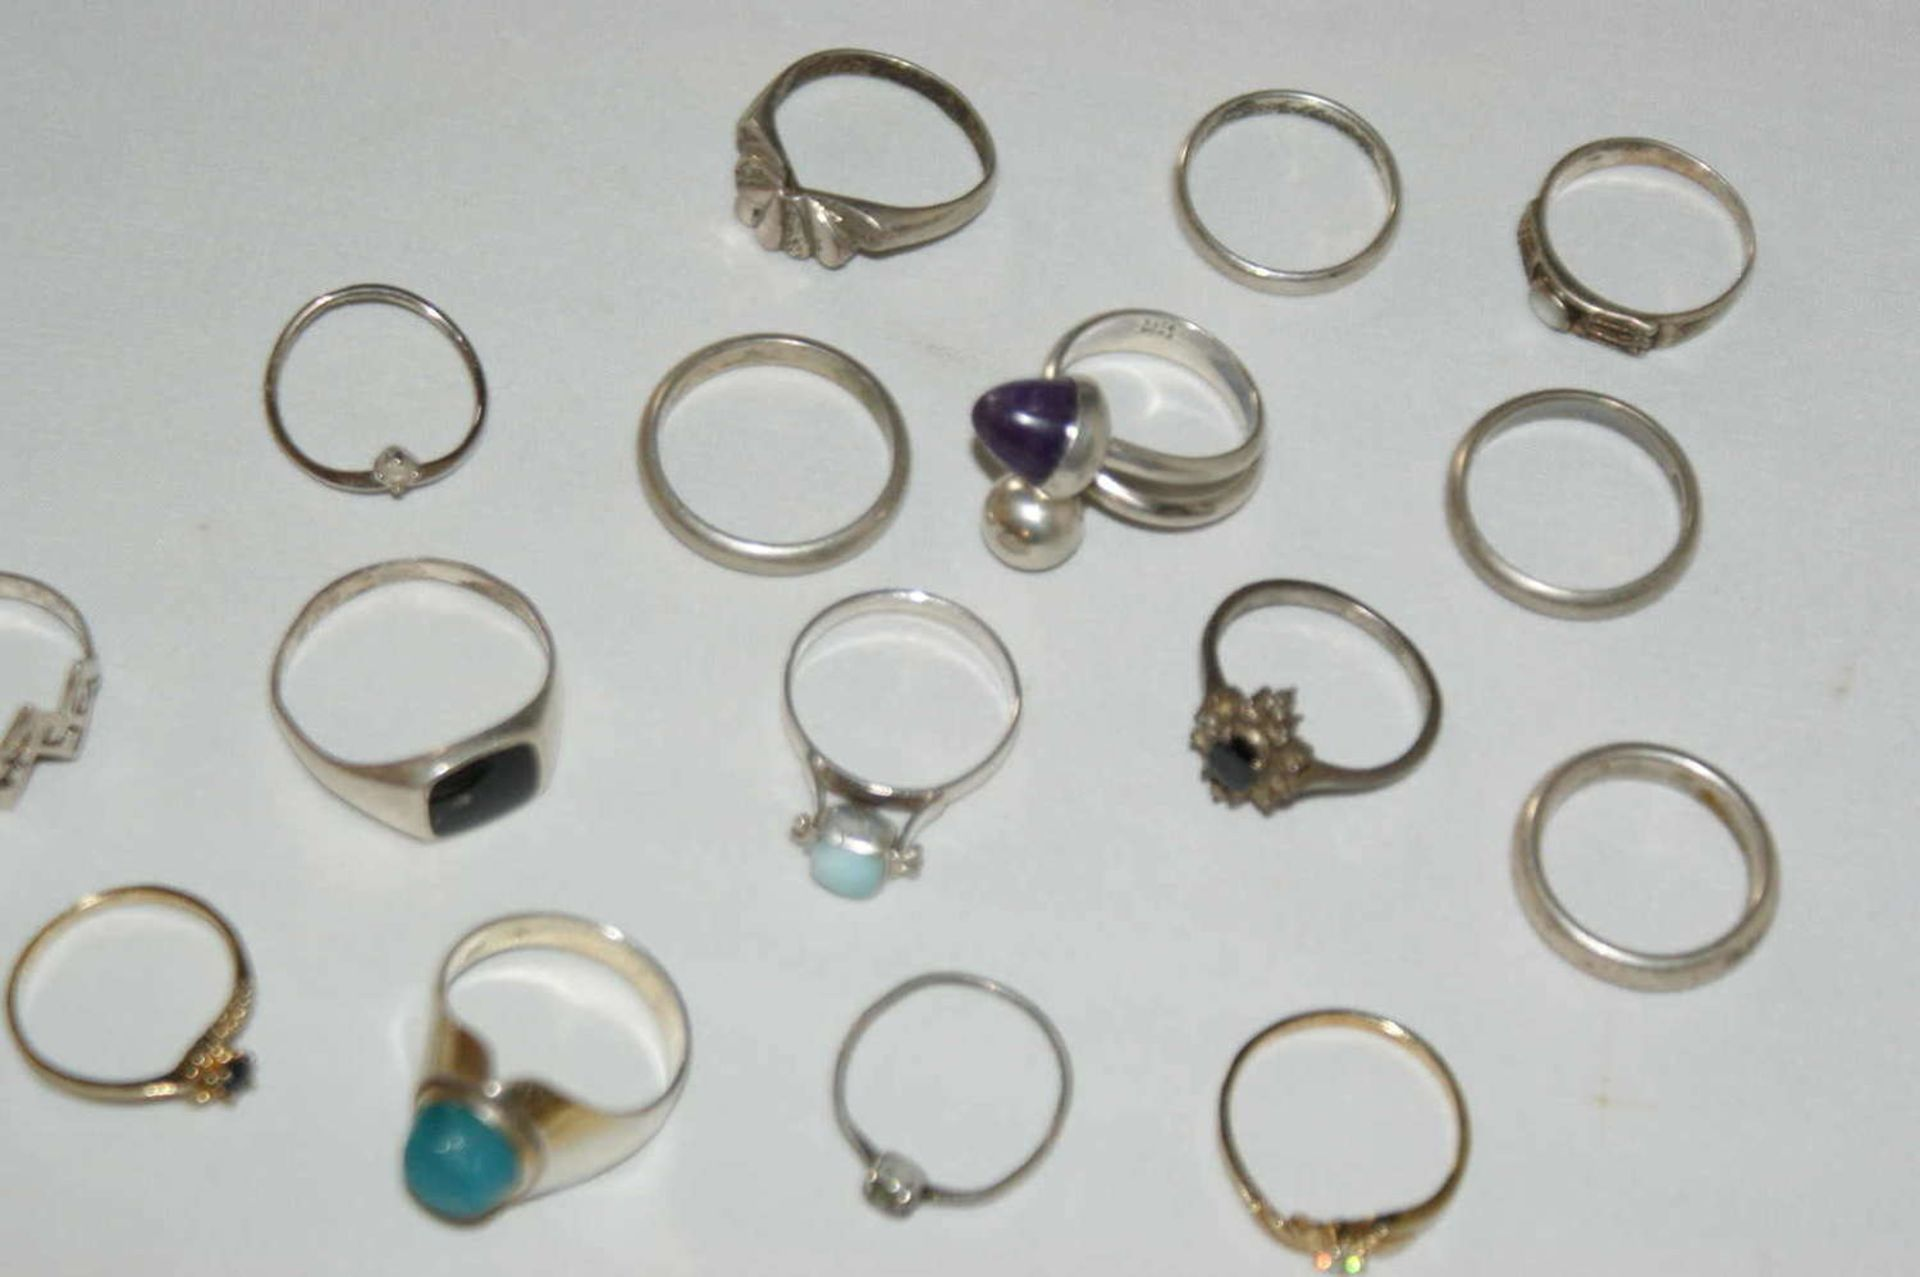 Konvolut Ringe, Silber, verschiedene Modelle, insgesamt 17 Stück, Gewicht ca. 40 gr - Bild 2 aus 2